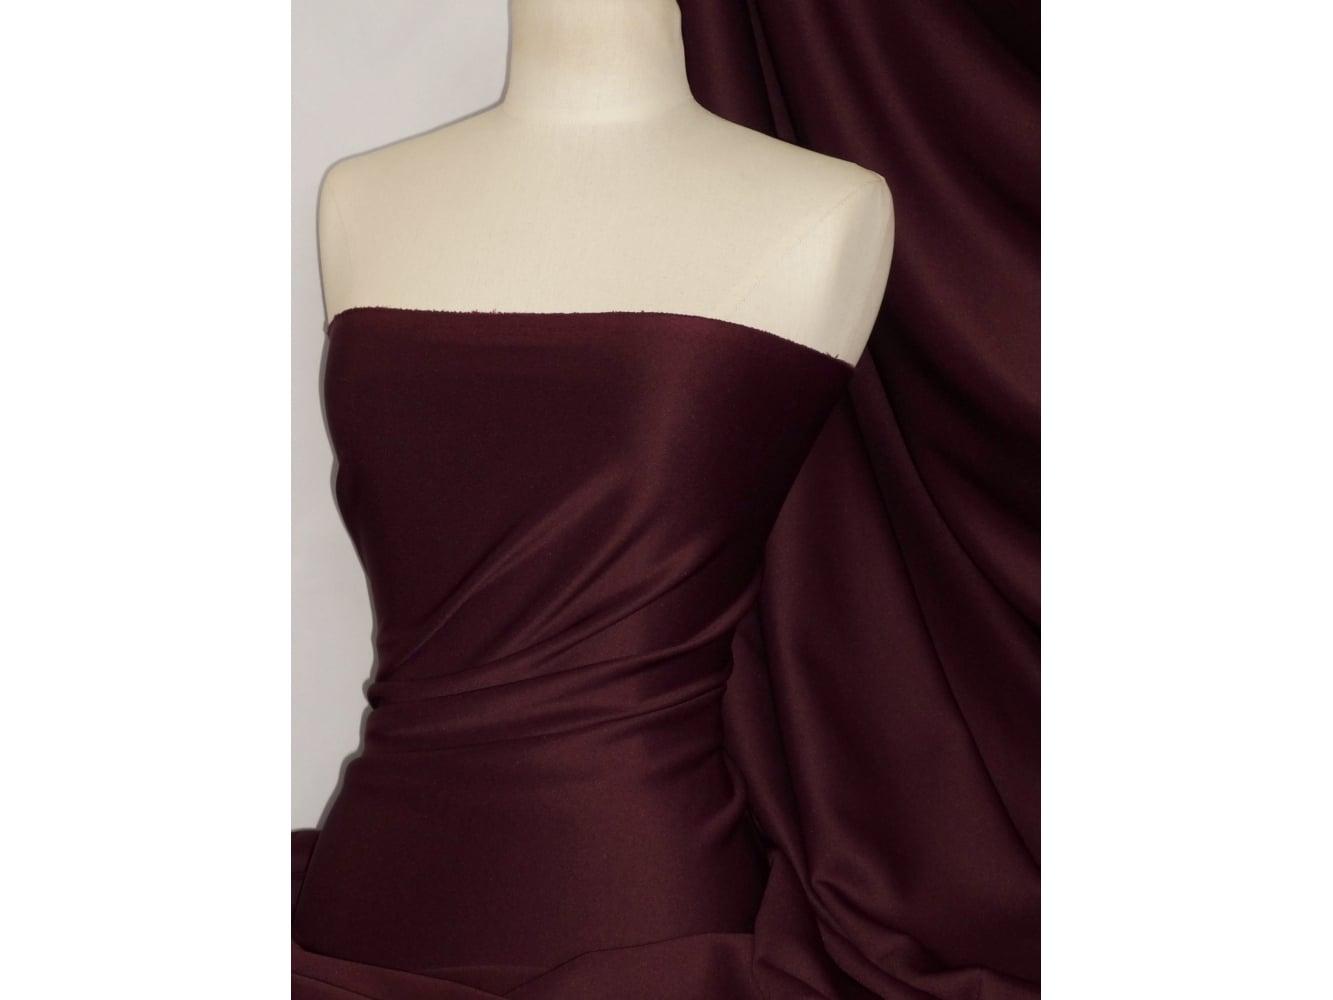 Scuba Stretch Poly Lycra Fabric- Beige Q792 BGE